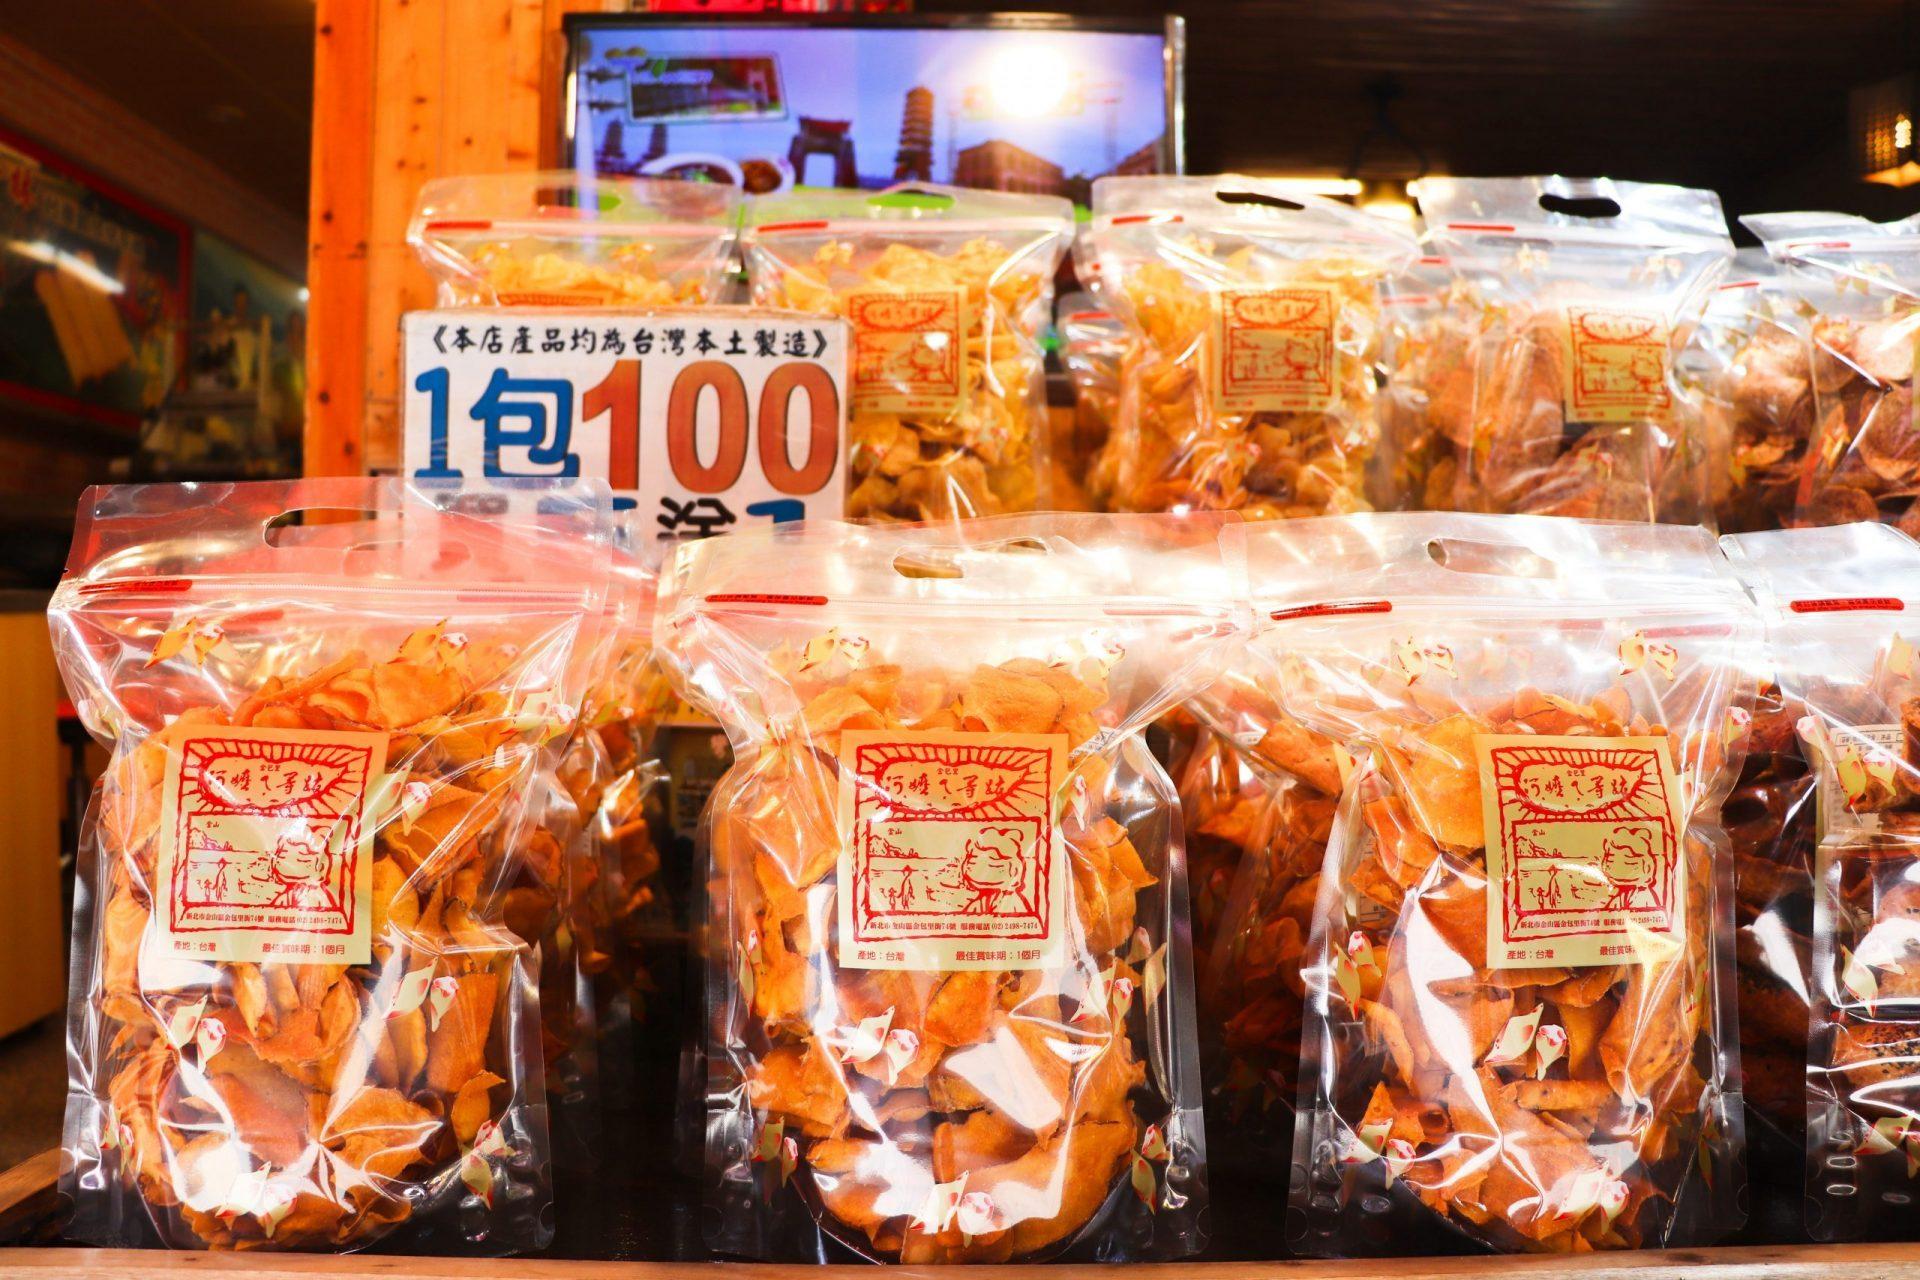 金山老街阿嬤ㄟ等路 -地瓜酥、芋頭酥